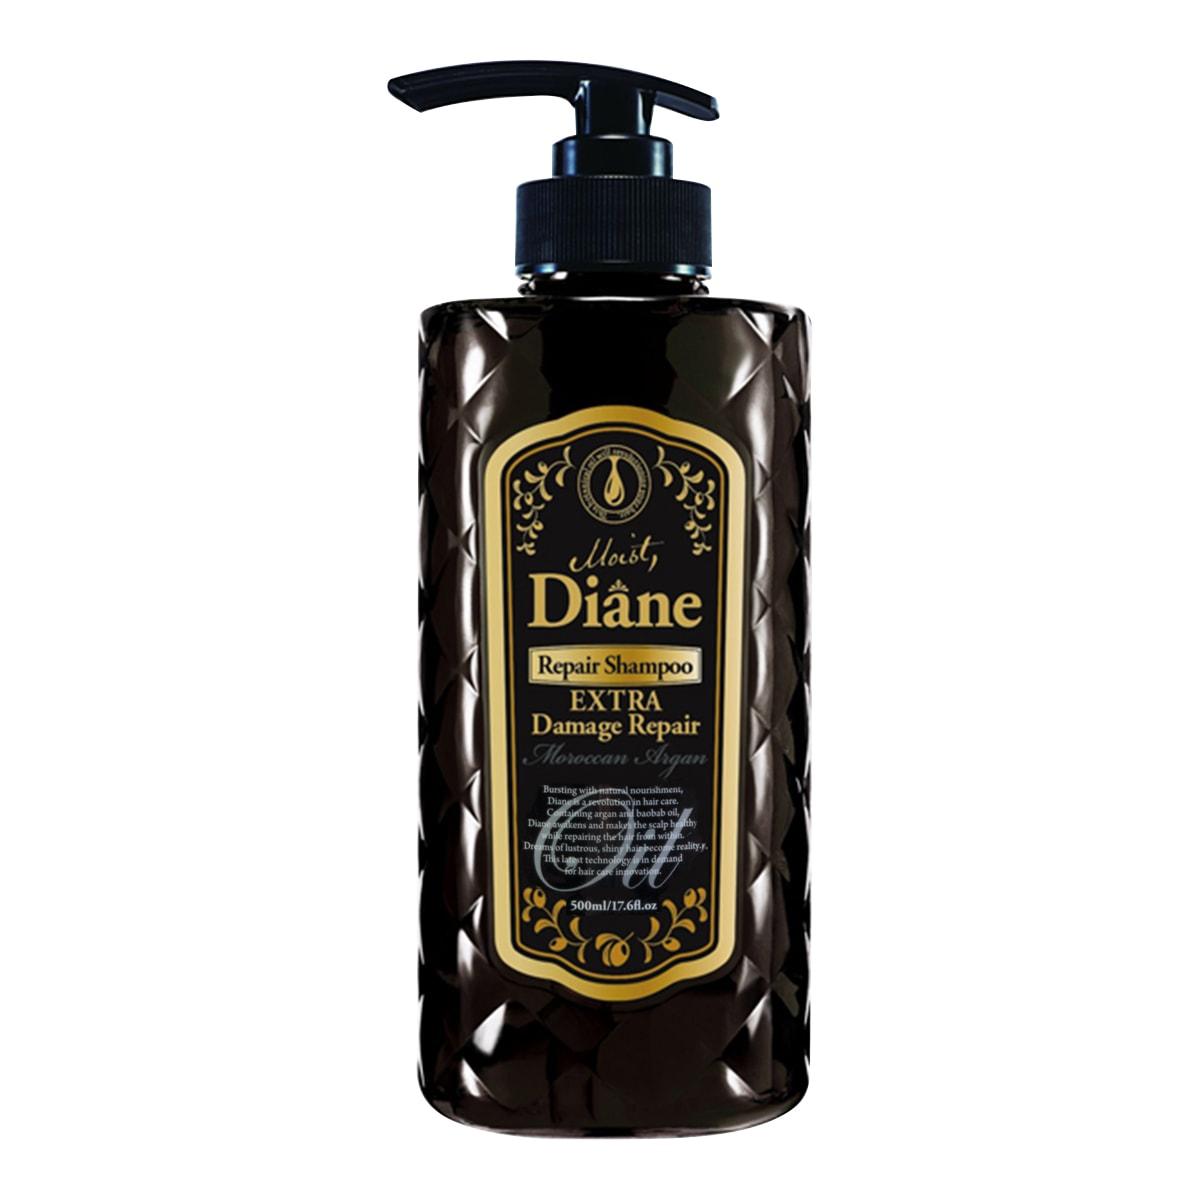 日本MOIST DIANE 奢华损伤修护系列 摩洛哥油洗发水 500ml